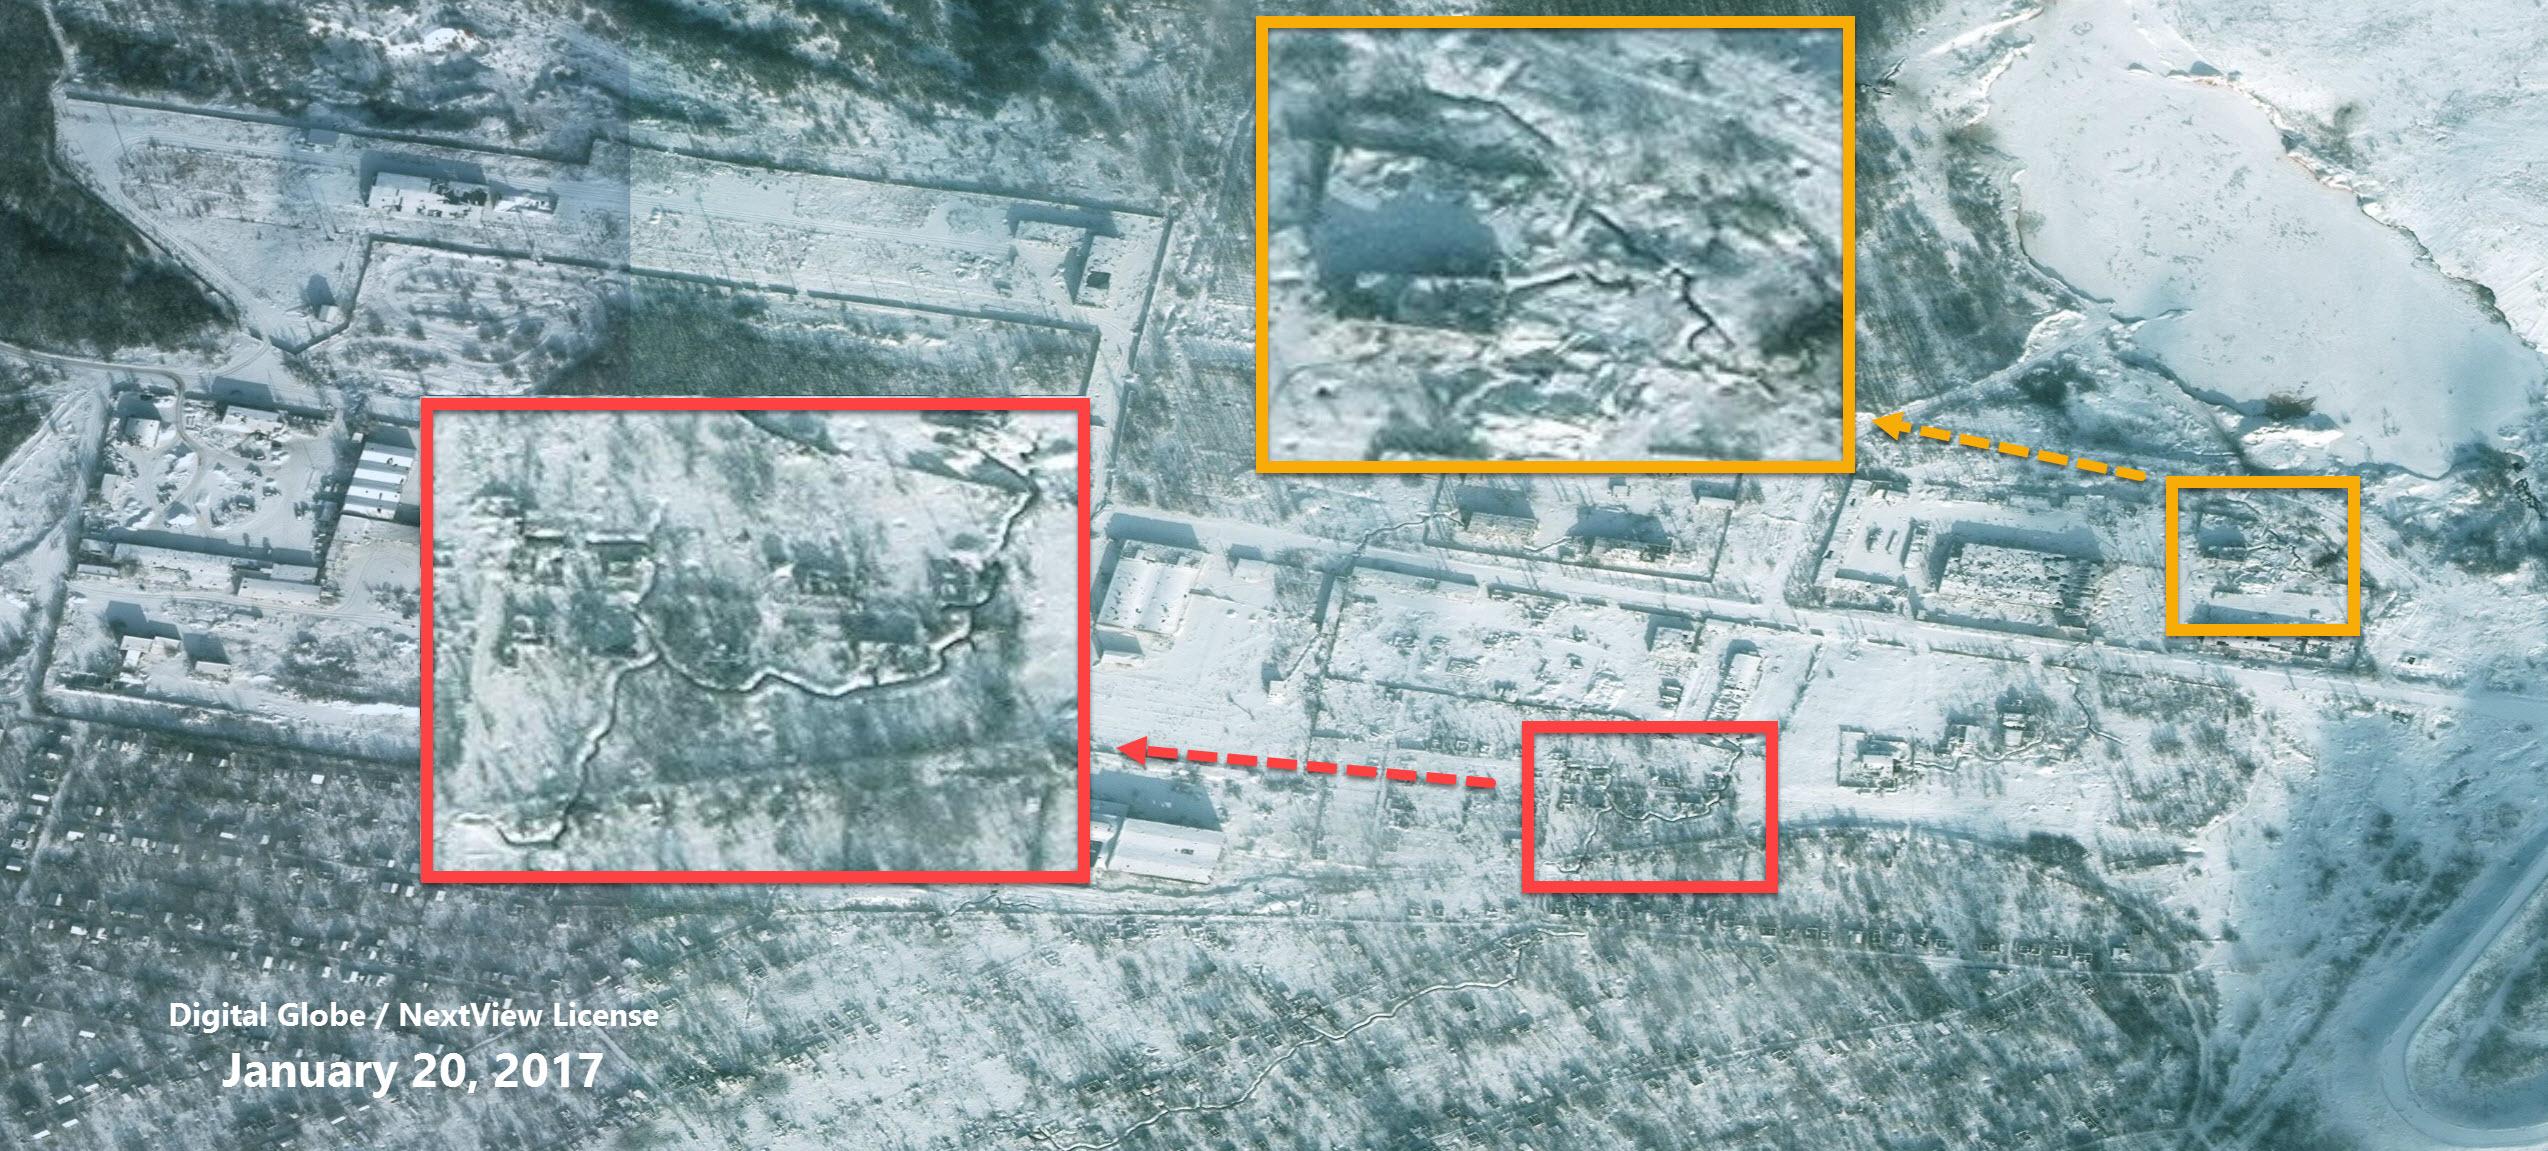 Фрагмент окопов в восточной части Авдеевской промзоны 20 января 2017 года (Digital Globe / NextView License)